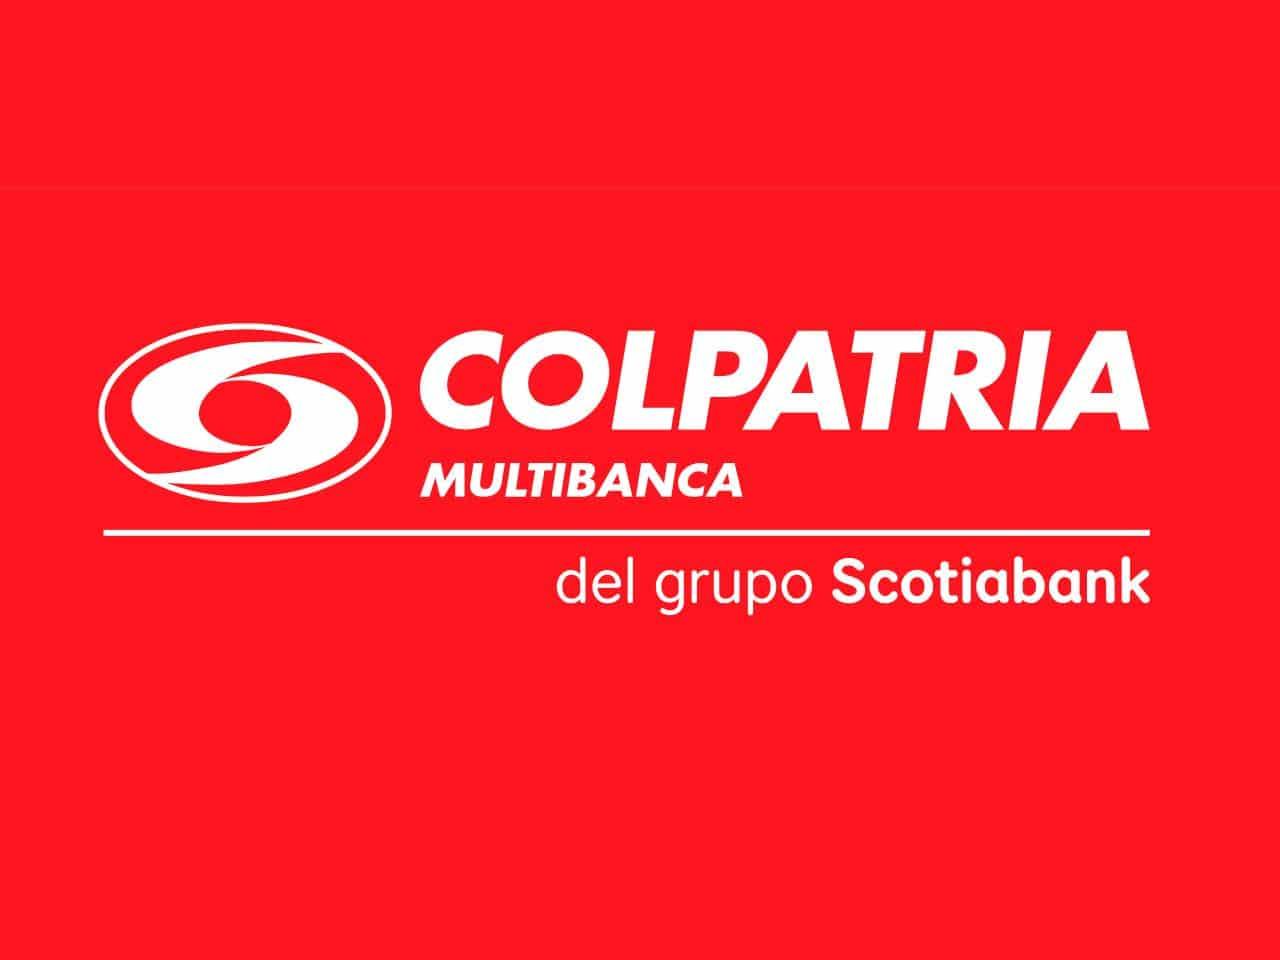 colpatria-extractos